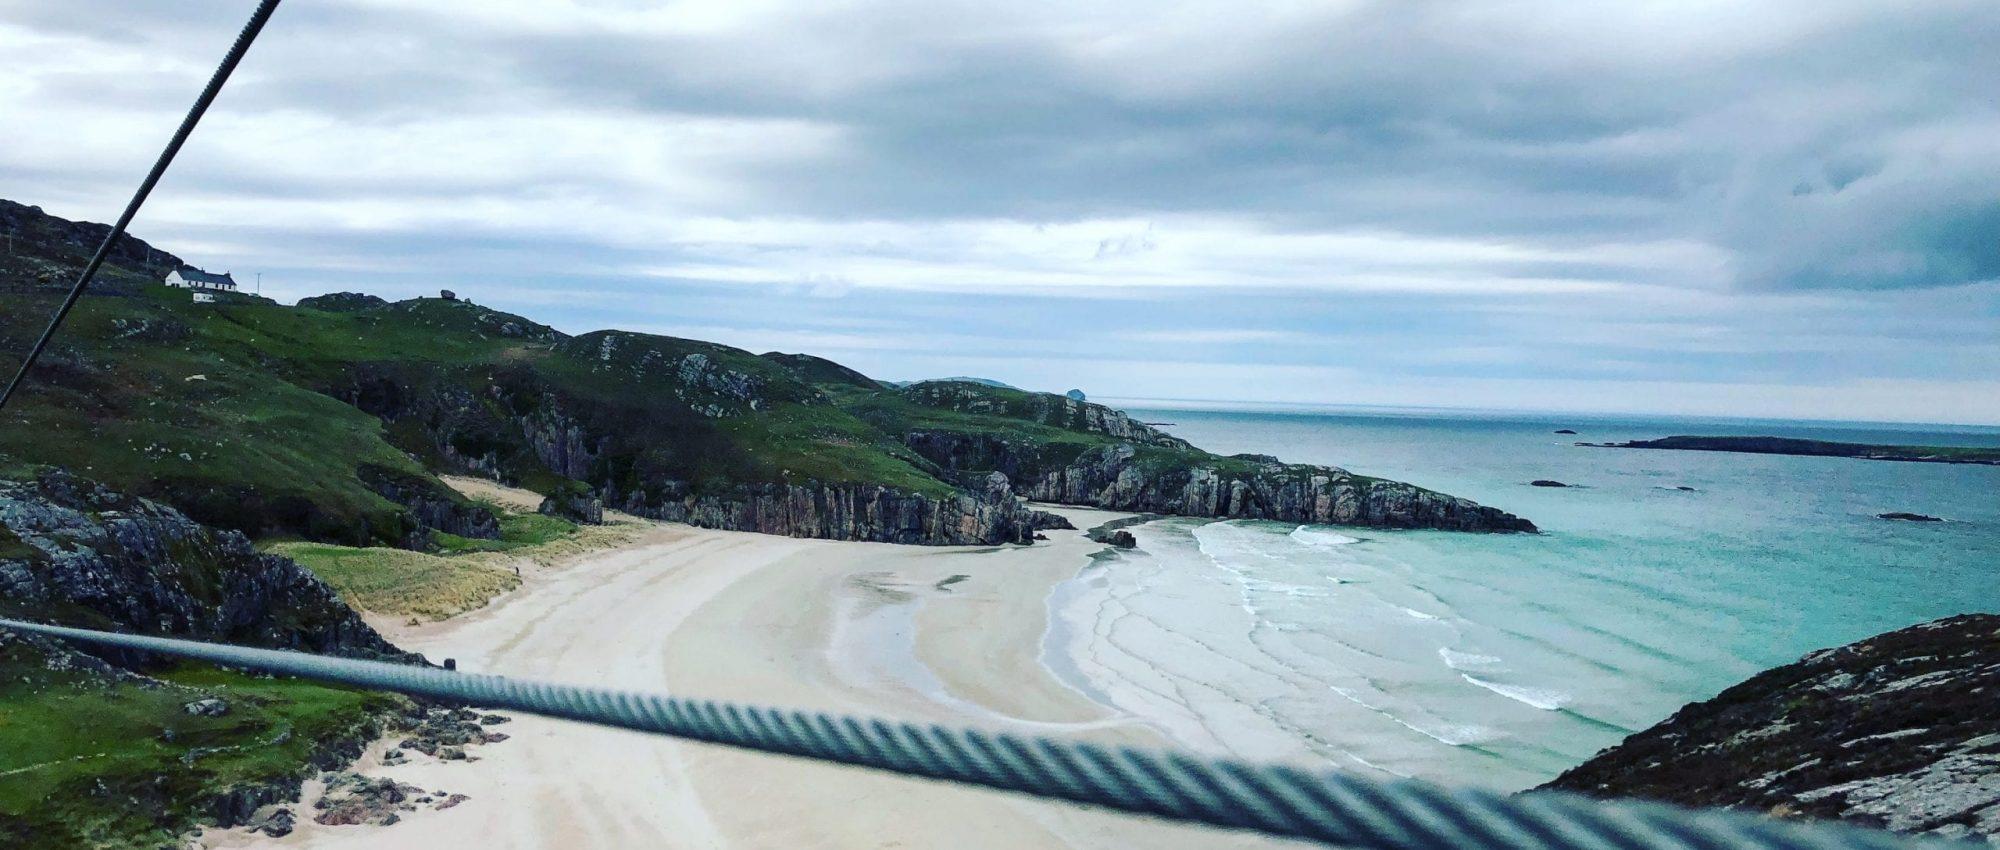 Zipline in Durness overlooking beach